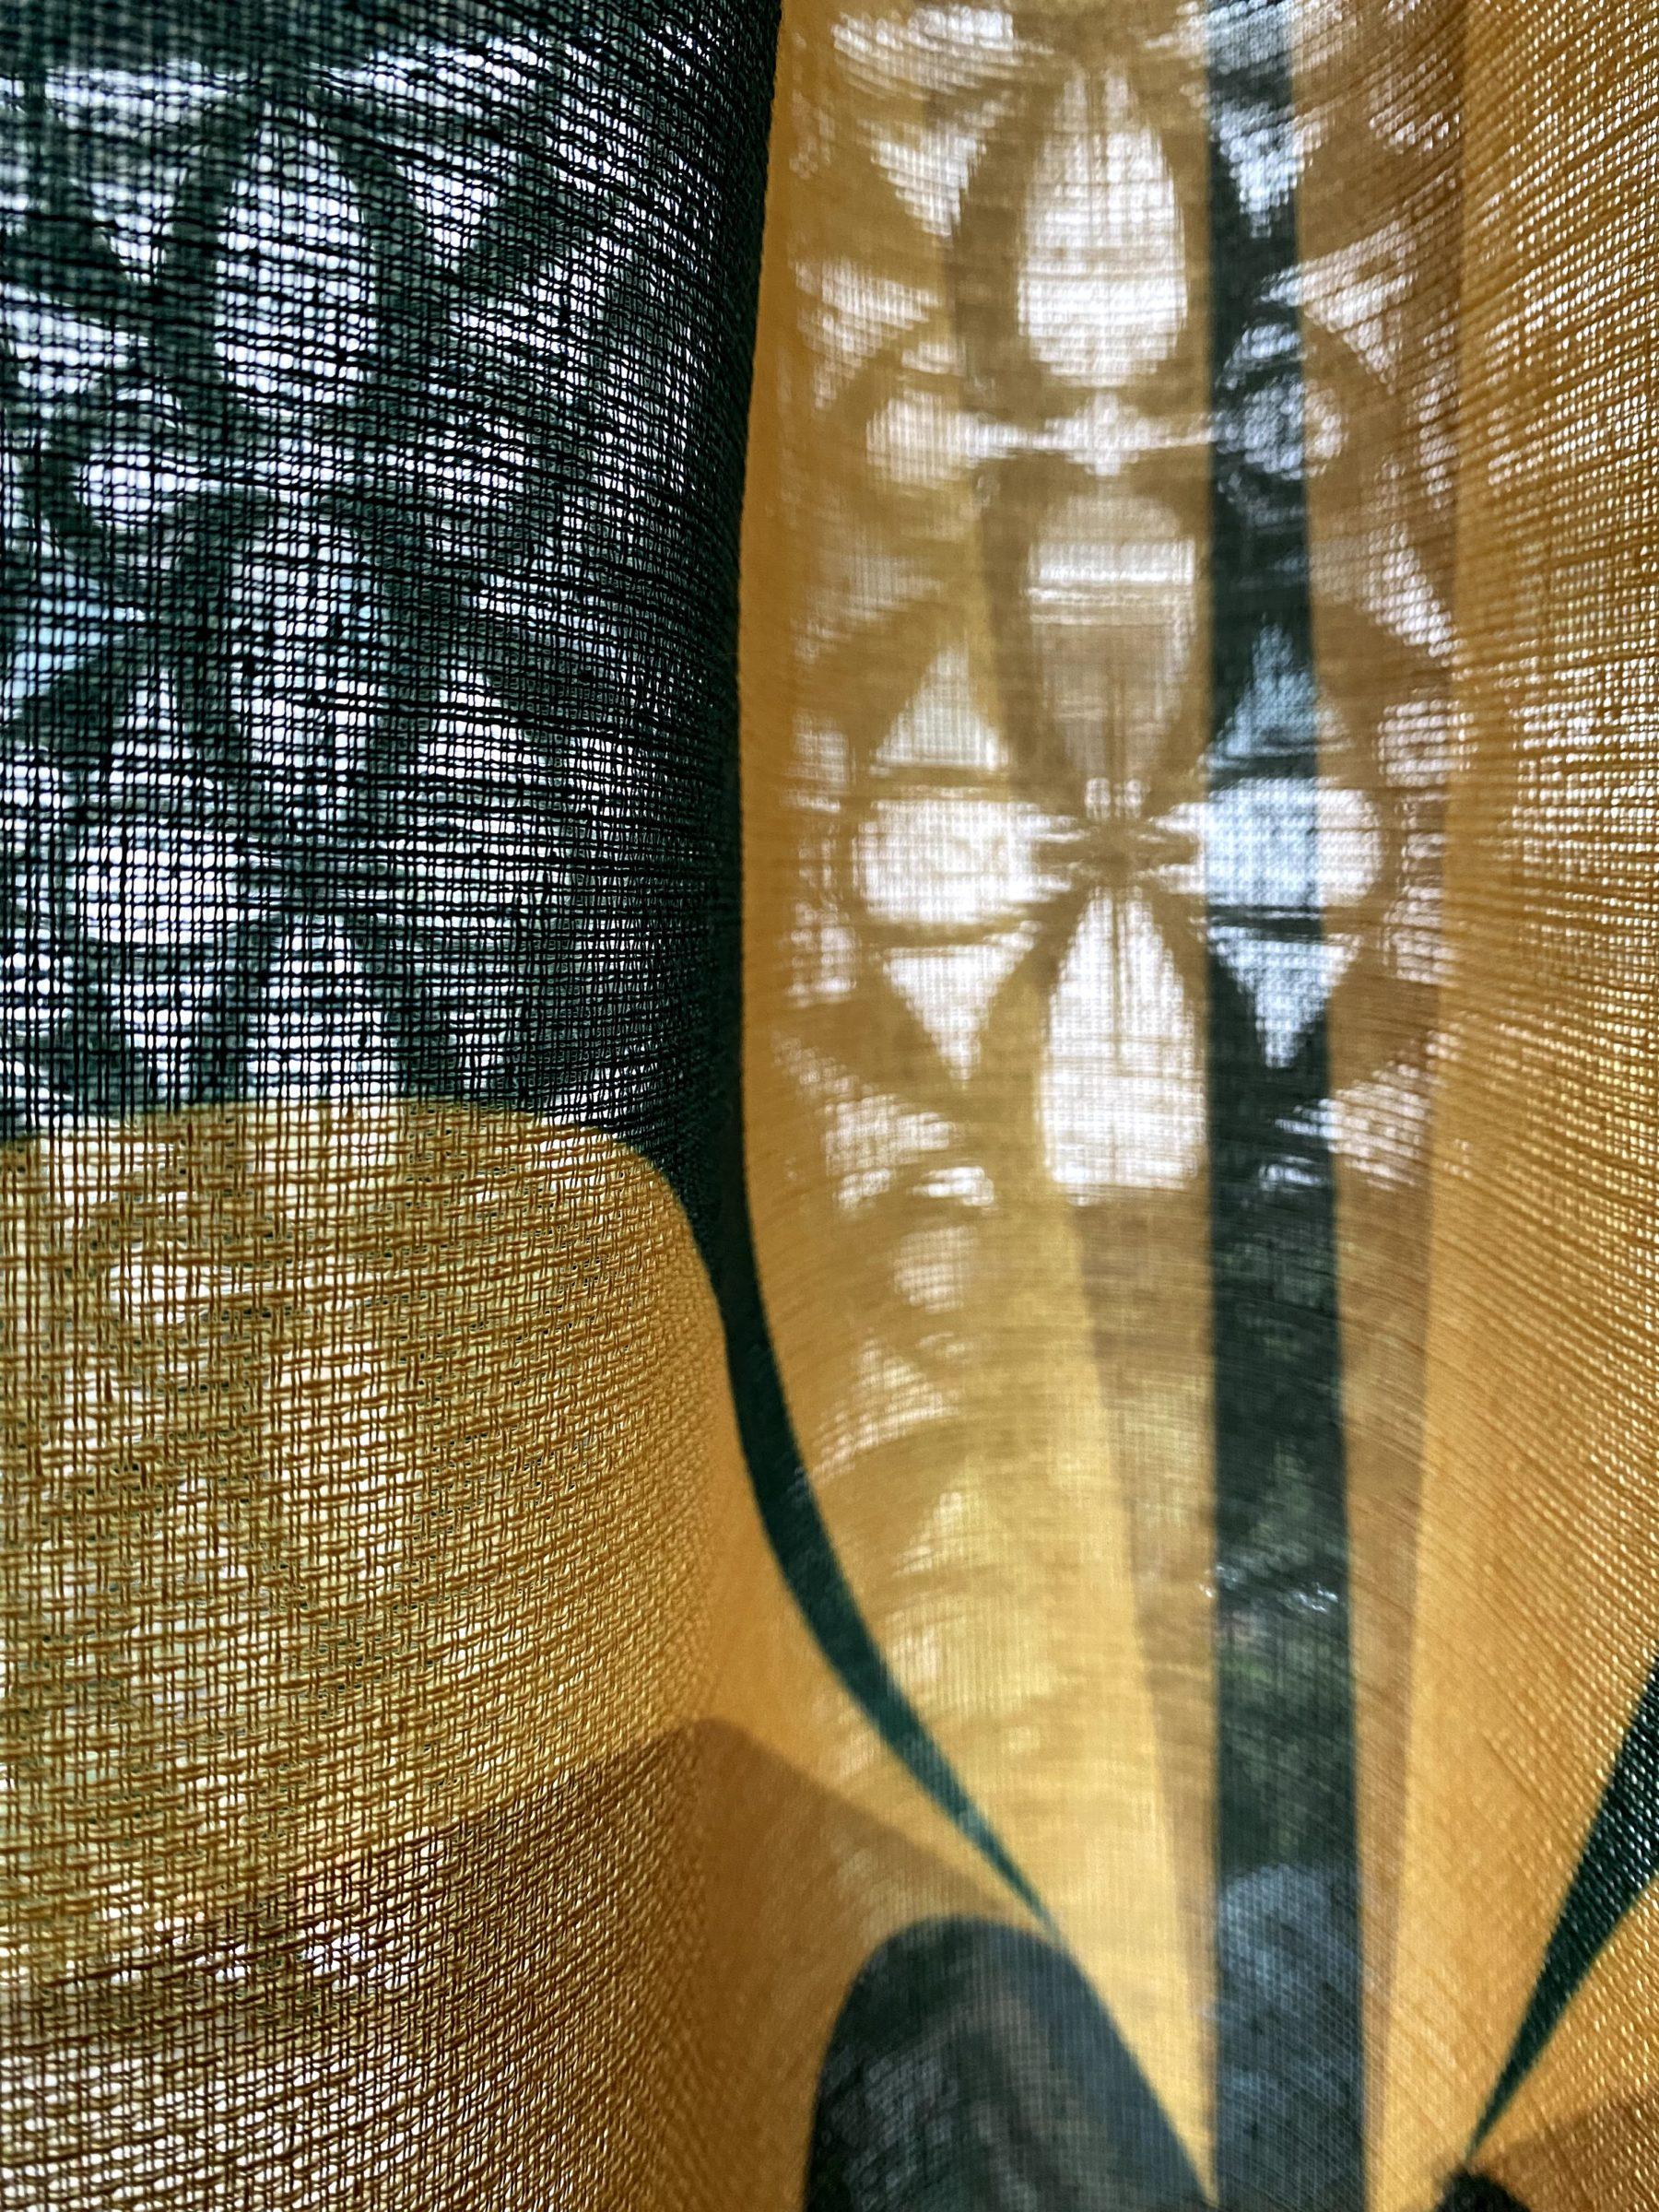 Útiretario, una exposición de Pedro y Juana por AGO Projects - utiretario-una-exposicion-de-pedro-y-juana-por-ago-projects-arte-exposicion-reforma-3